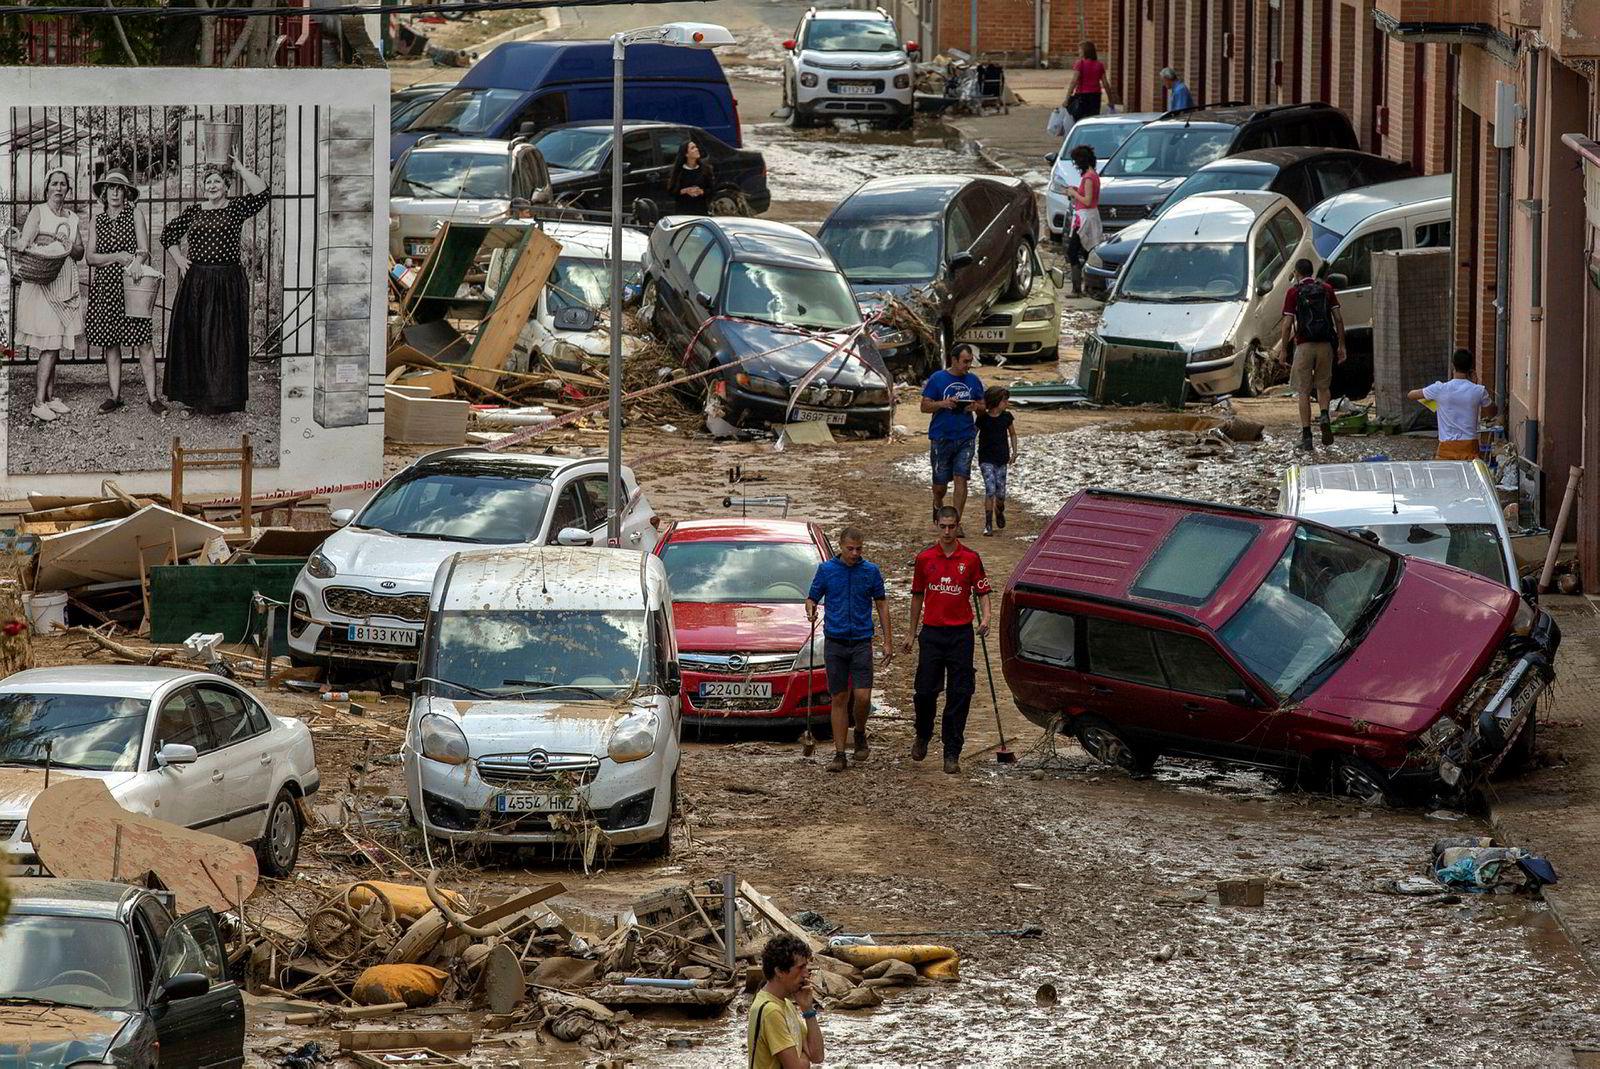 En brå og uventet flom i elven Cidacos oversvømmet byen Tafalla i Navarra-provinsen i Spania i begynnelsen av juli. Vannmassen etterlot seg et kaos av ødelagte gater, bygninger og biler.